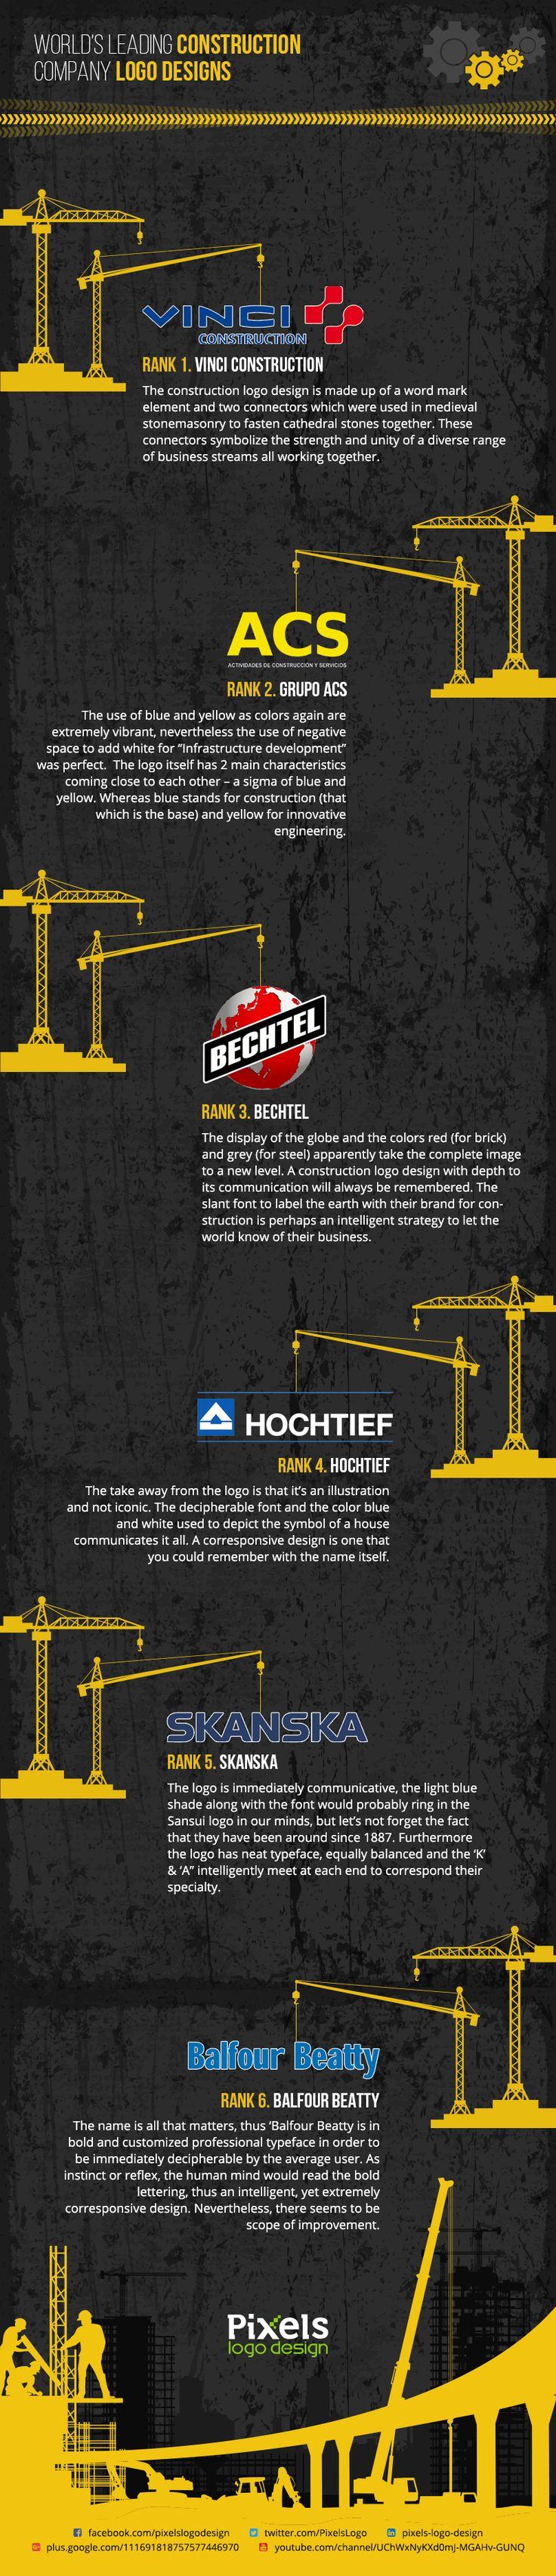 Die besten 25 Construction pany logo Ideen auf Pinterest